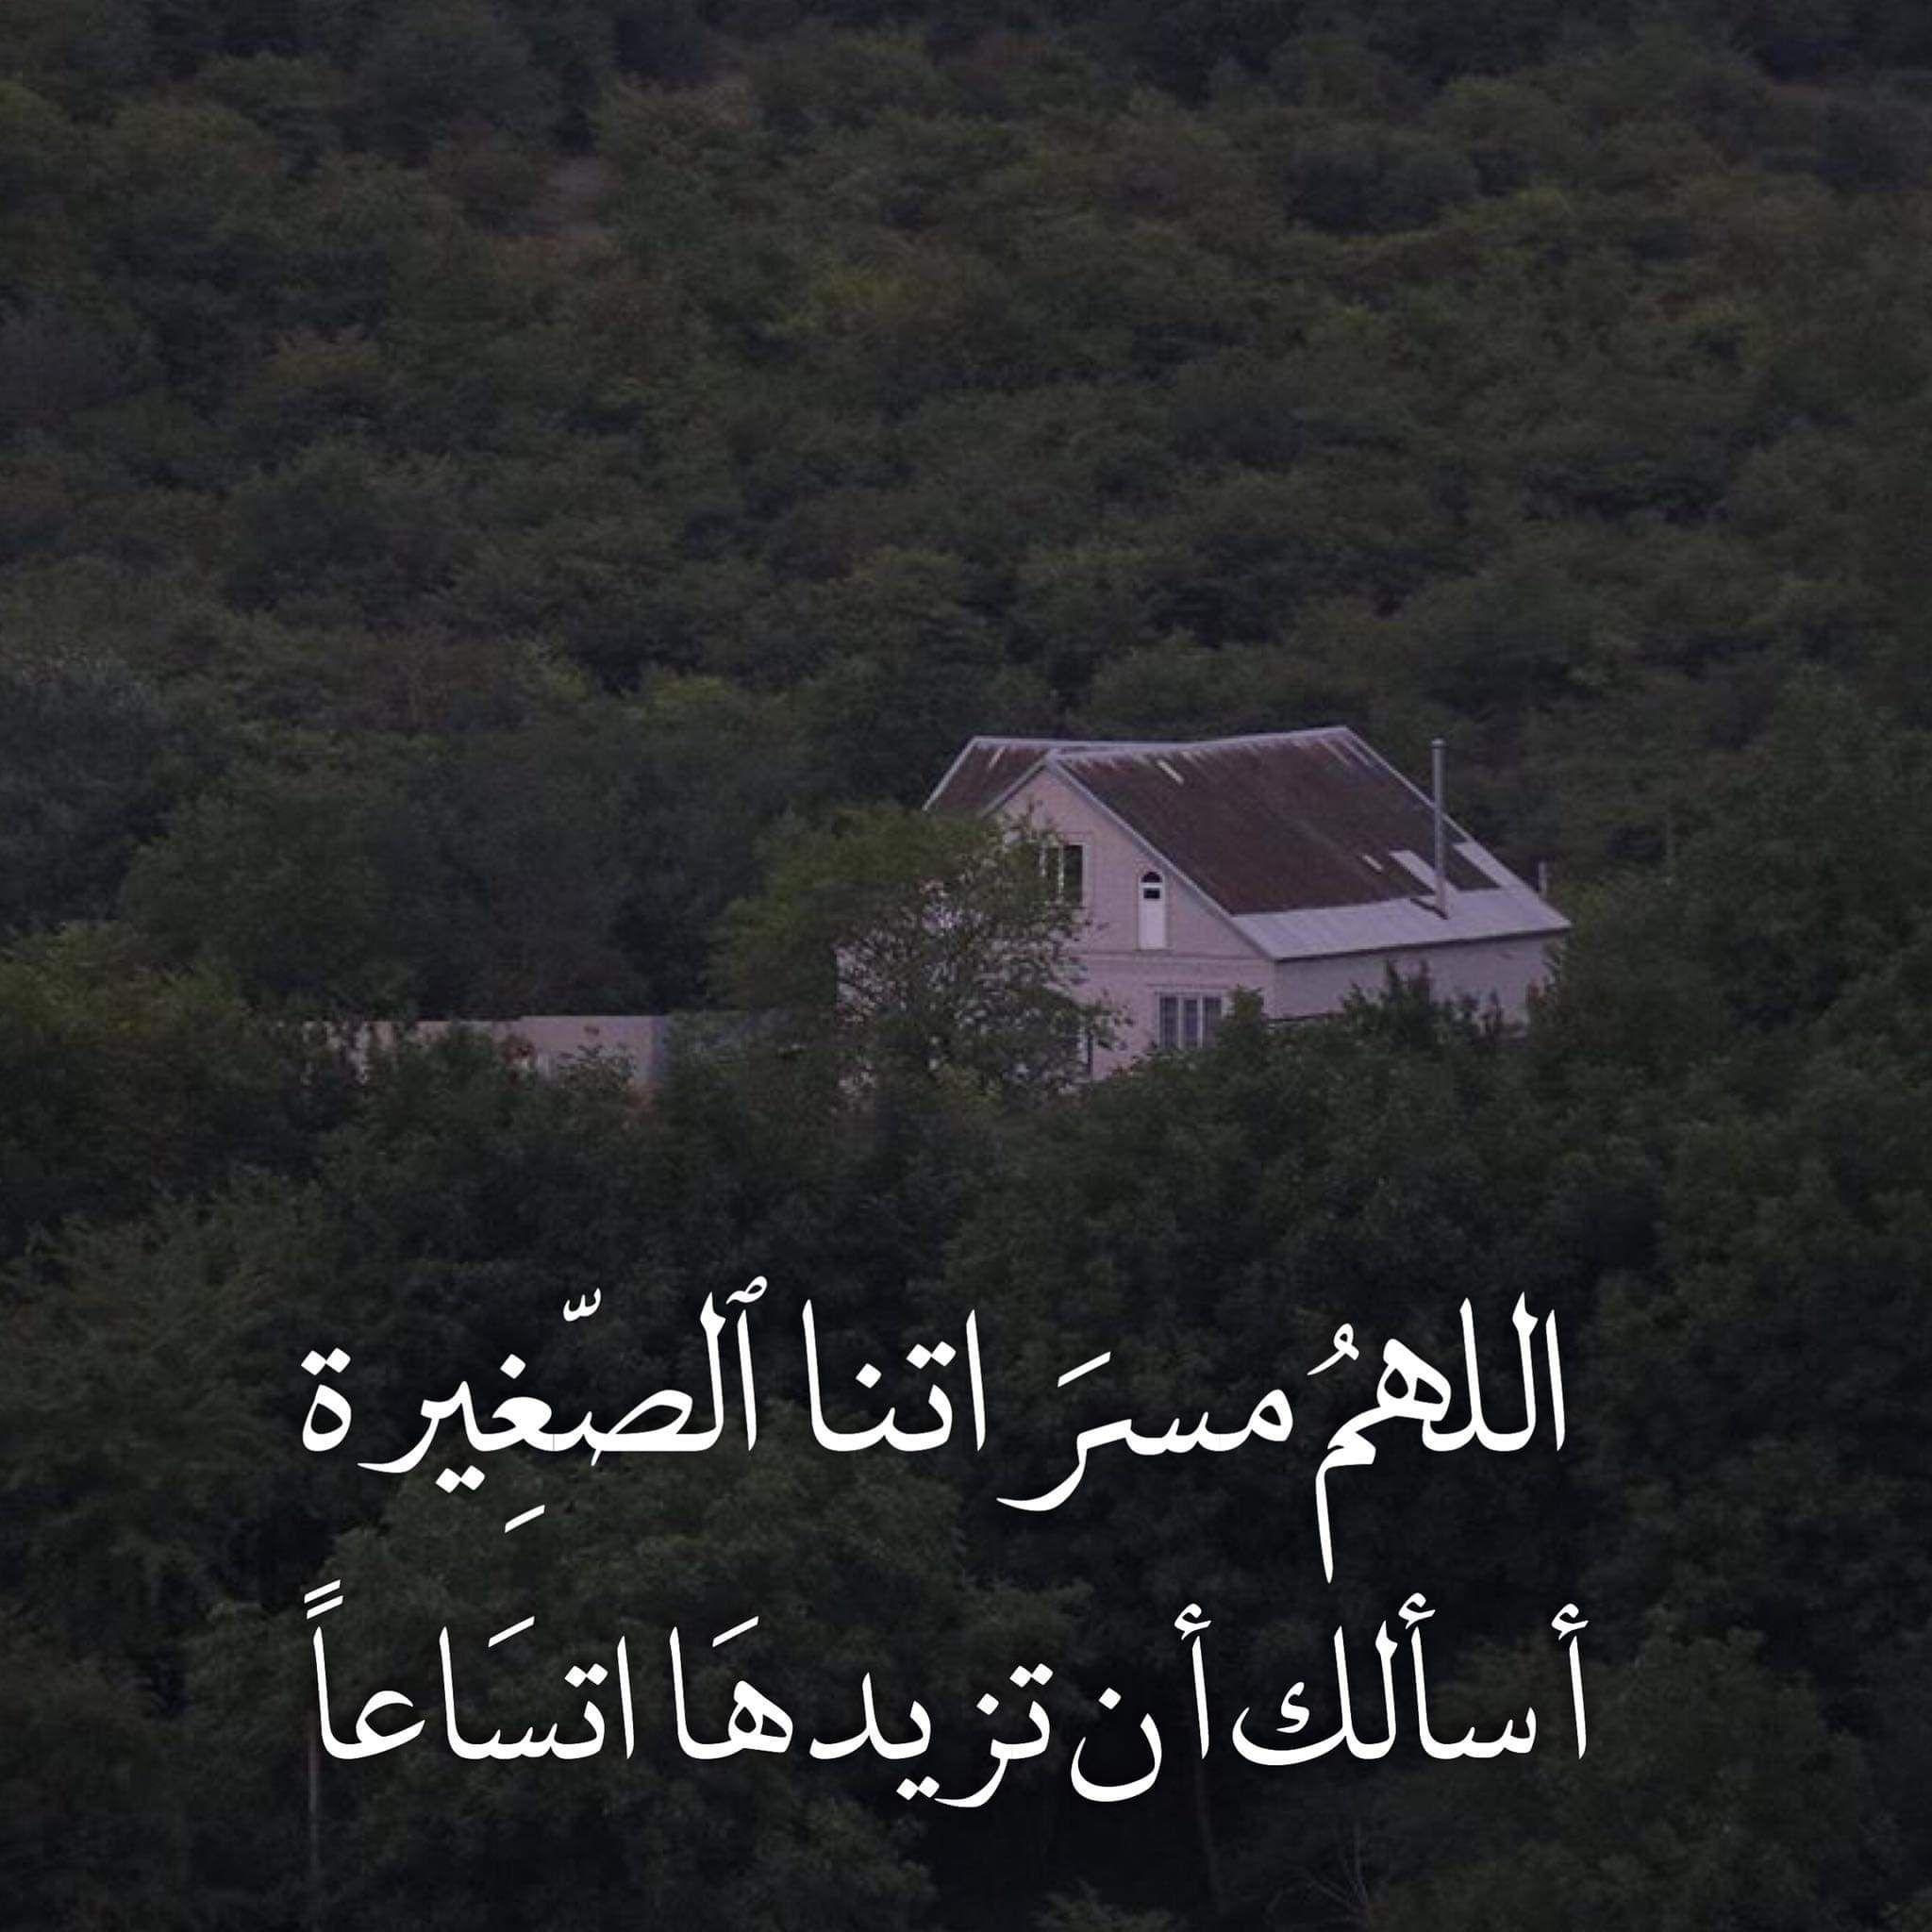 أدعية صحيحة من الكتاب والسنة لدفع الحسد Arabic Calligraphy